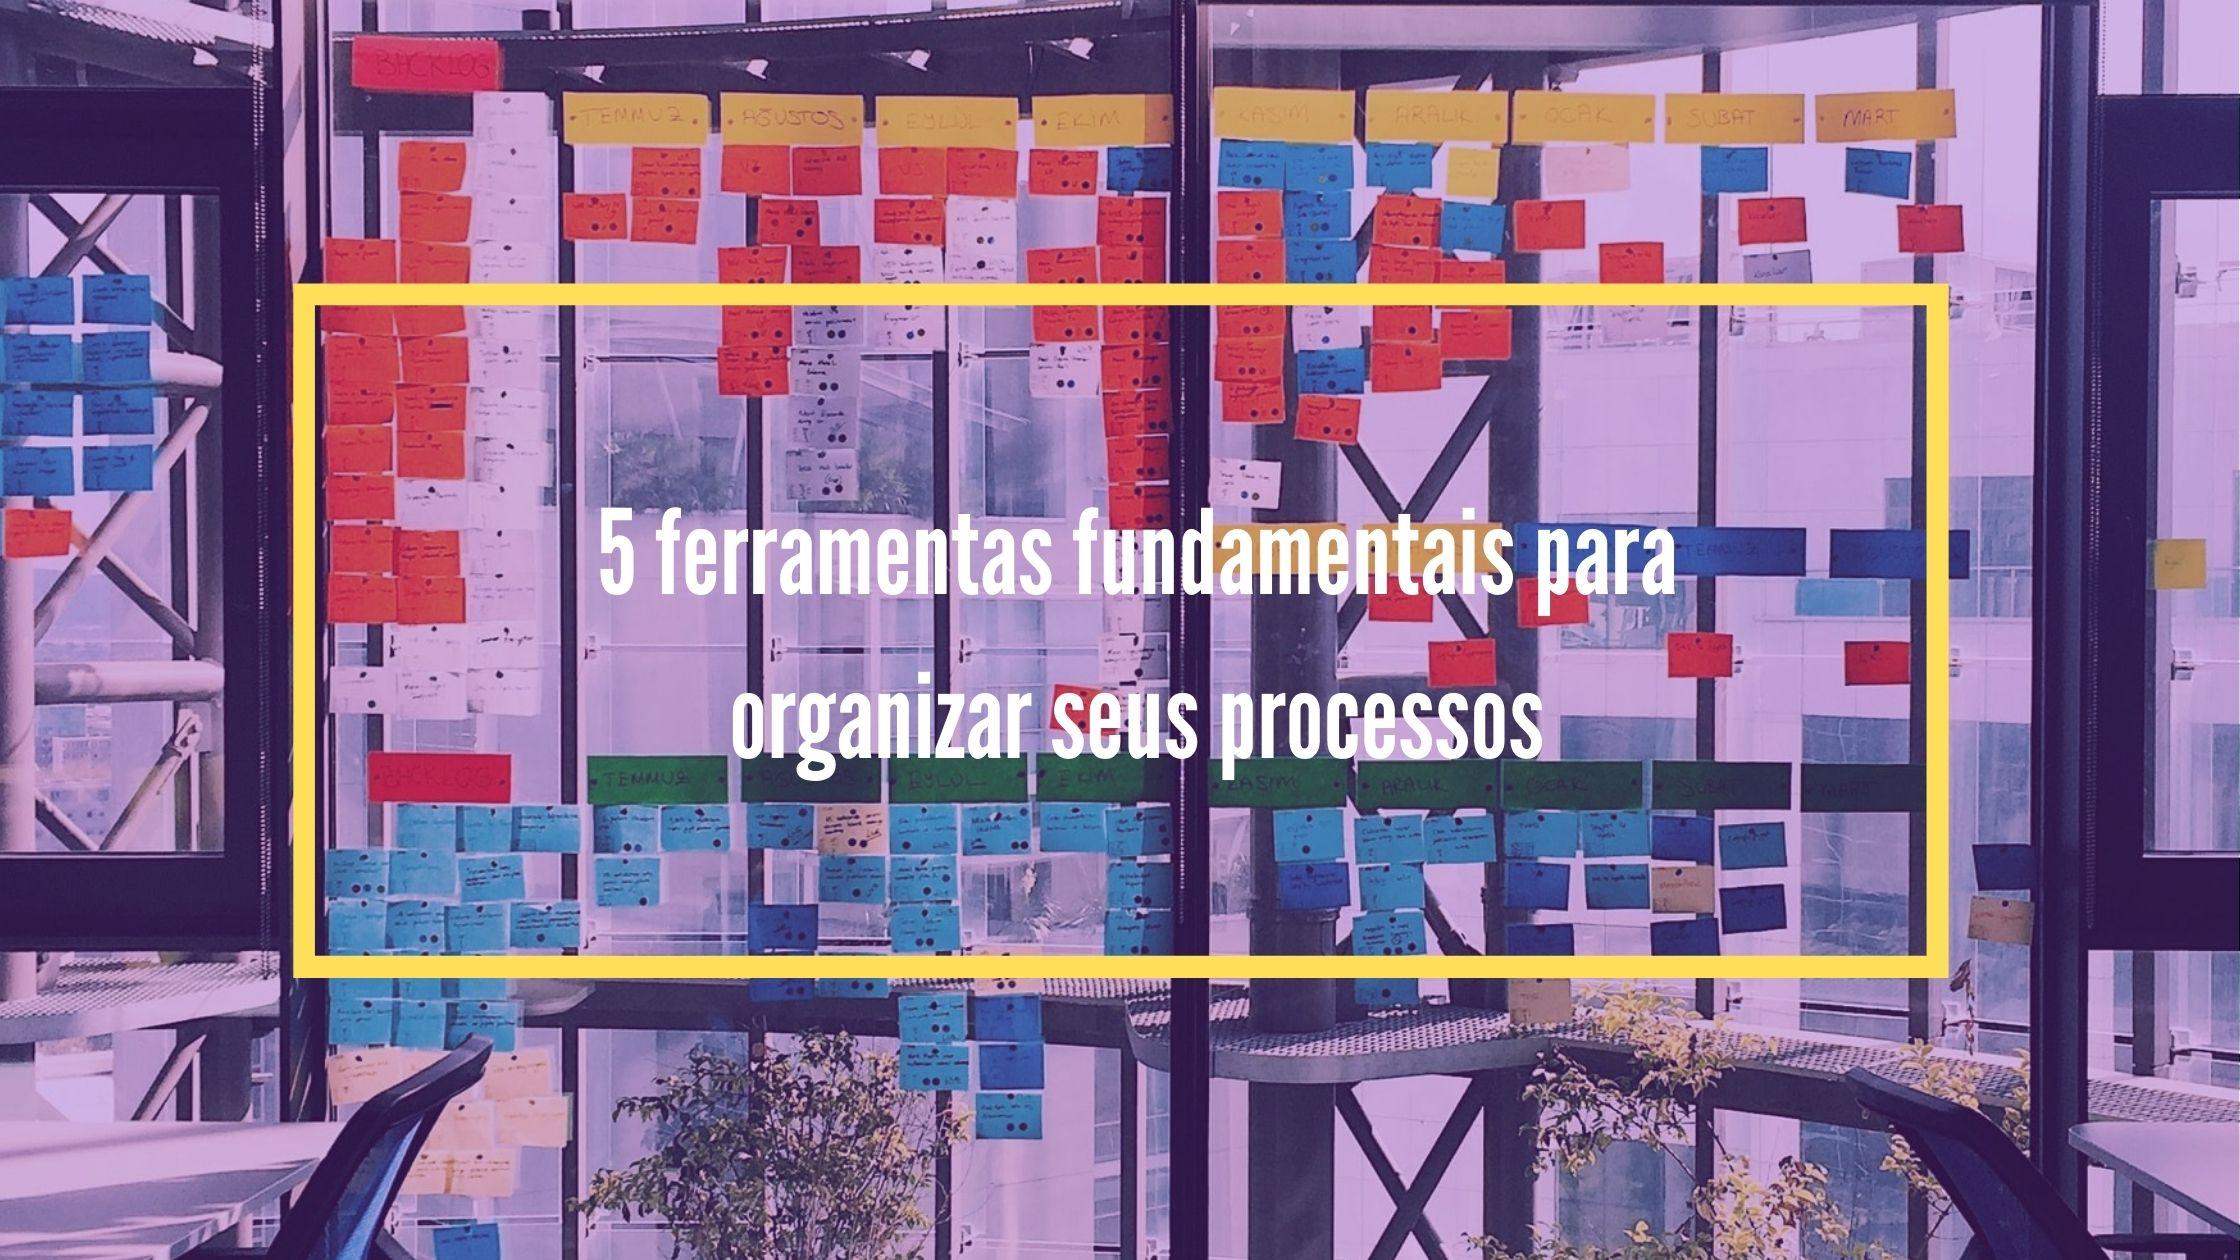 5 ferramentas fundamentais para organizar seus processos